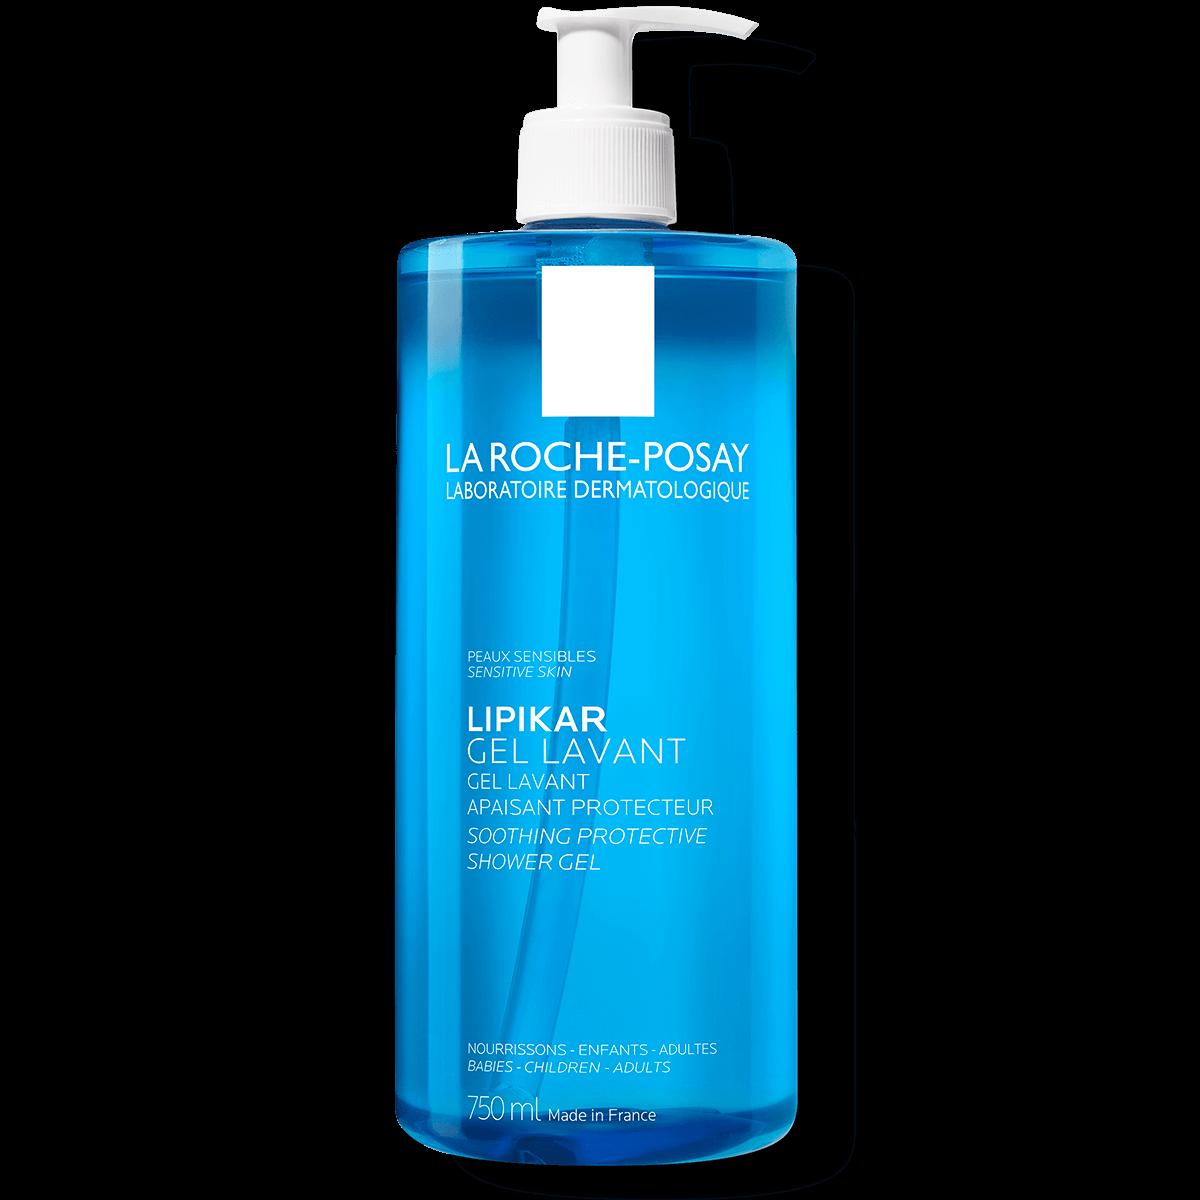 Confezione di Lipikar Gel Lavant pelle sensibile con dispenser su sfondo bianco